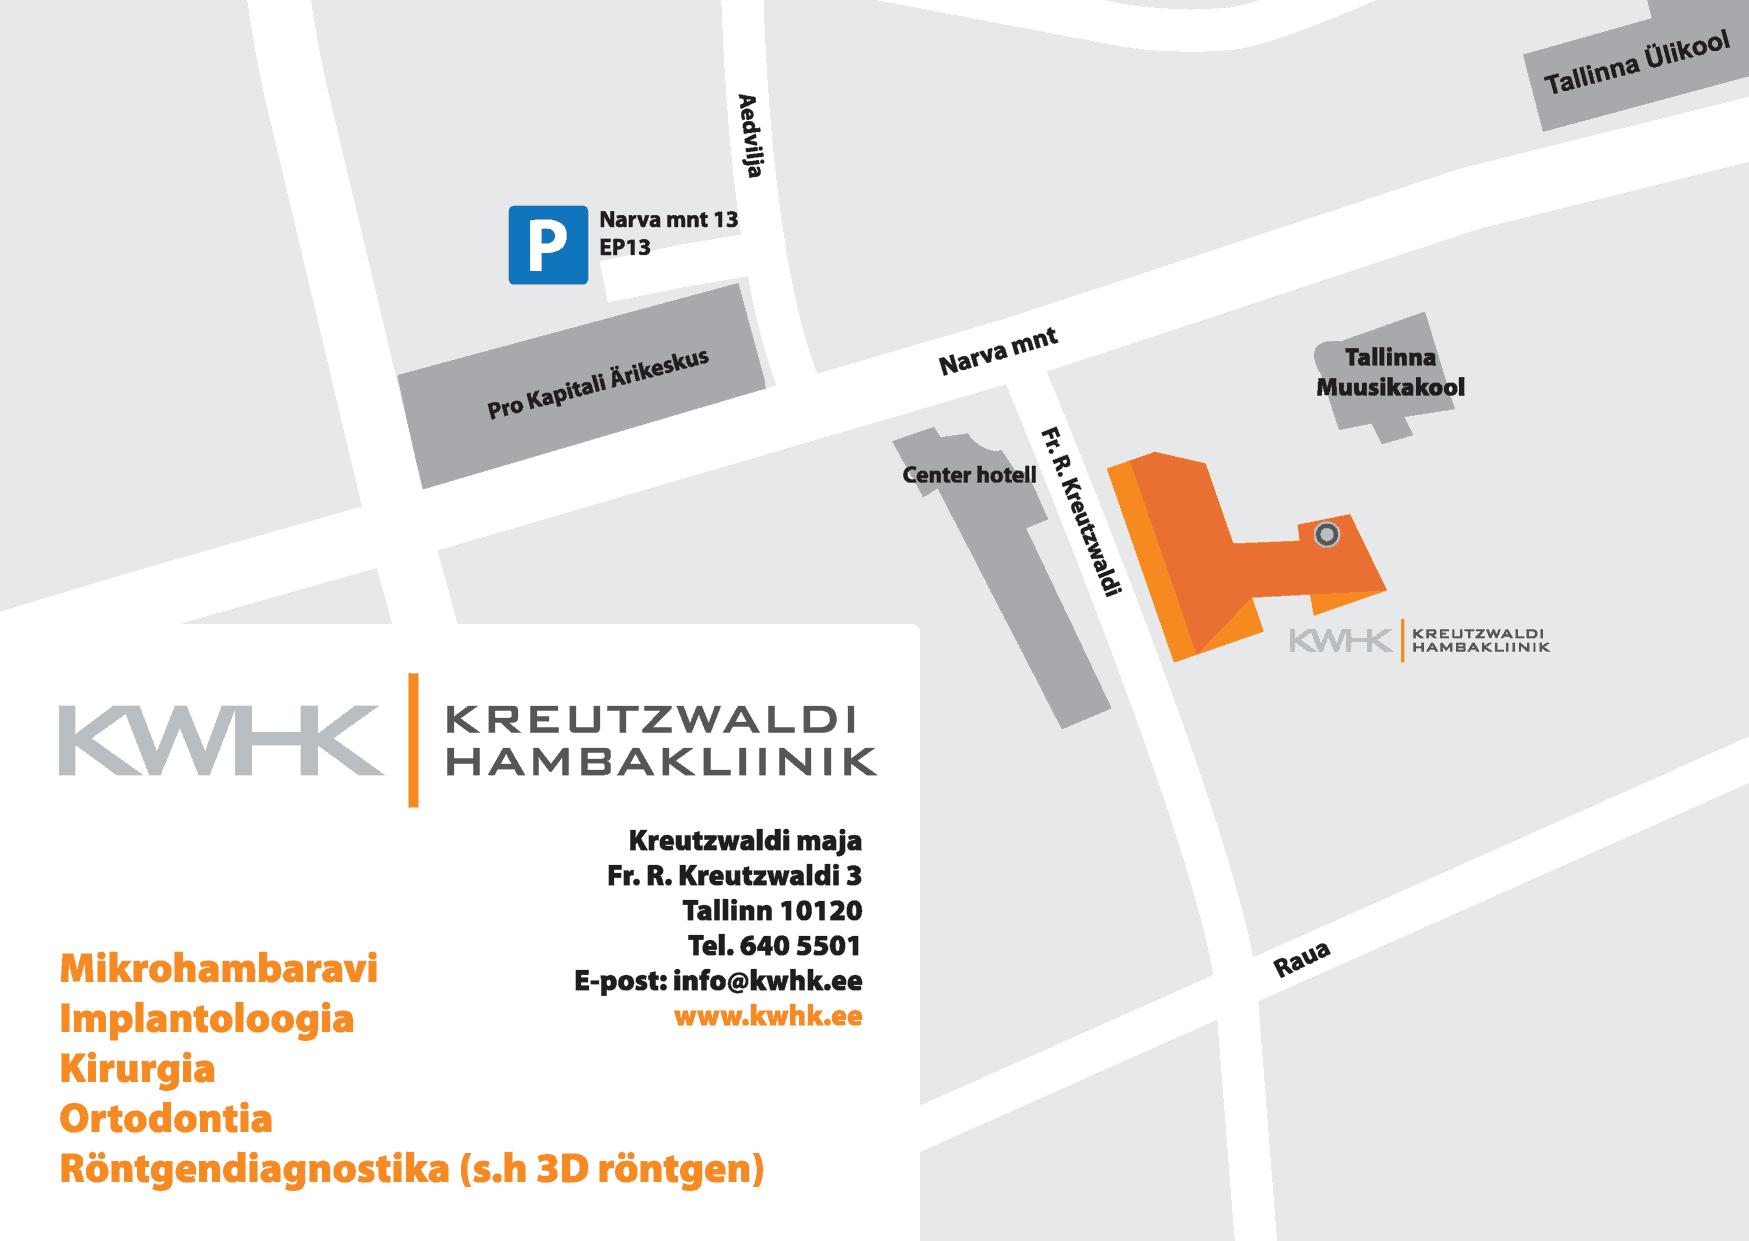 Kreutzwaldi Hambakliiniku asukoha kaart